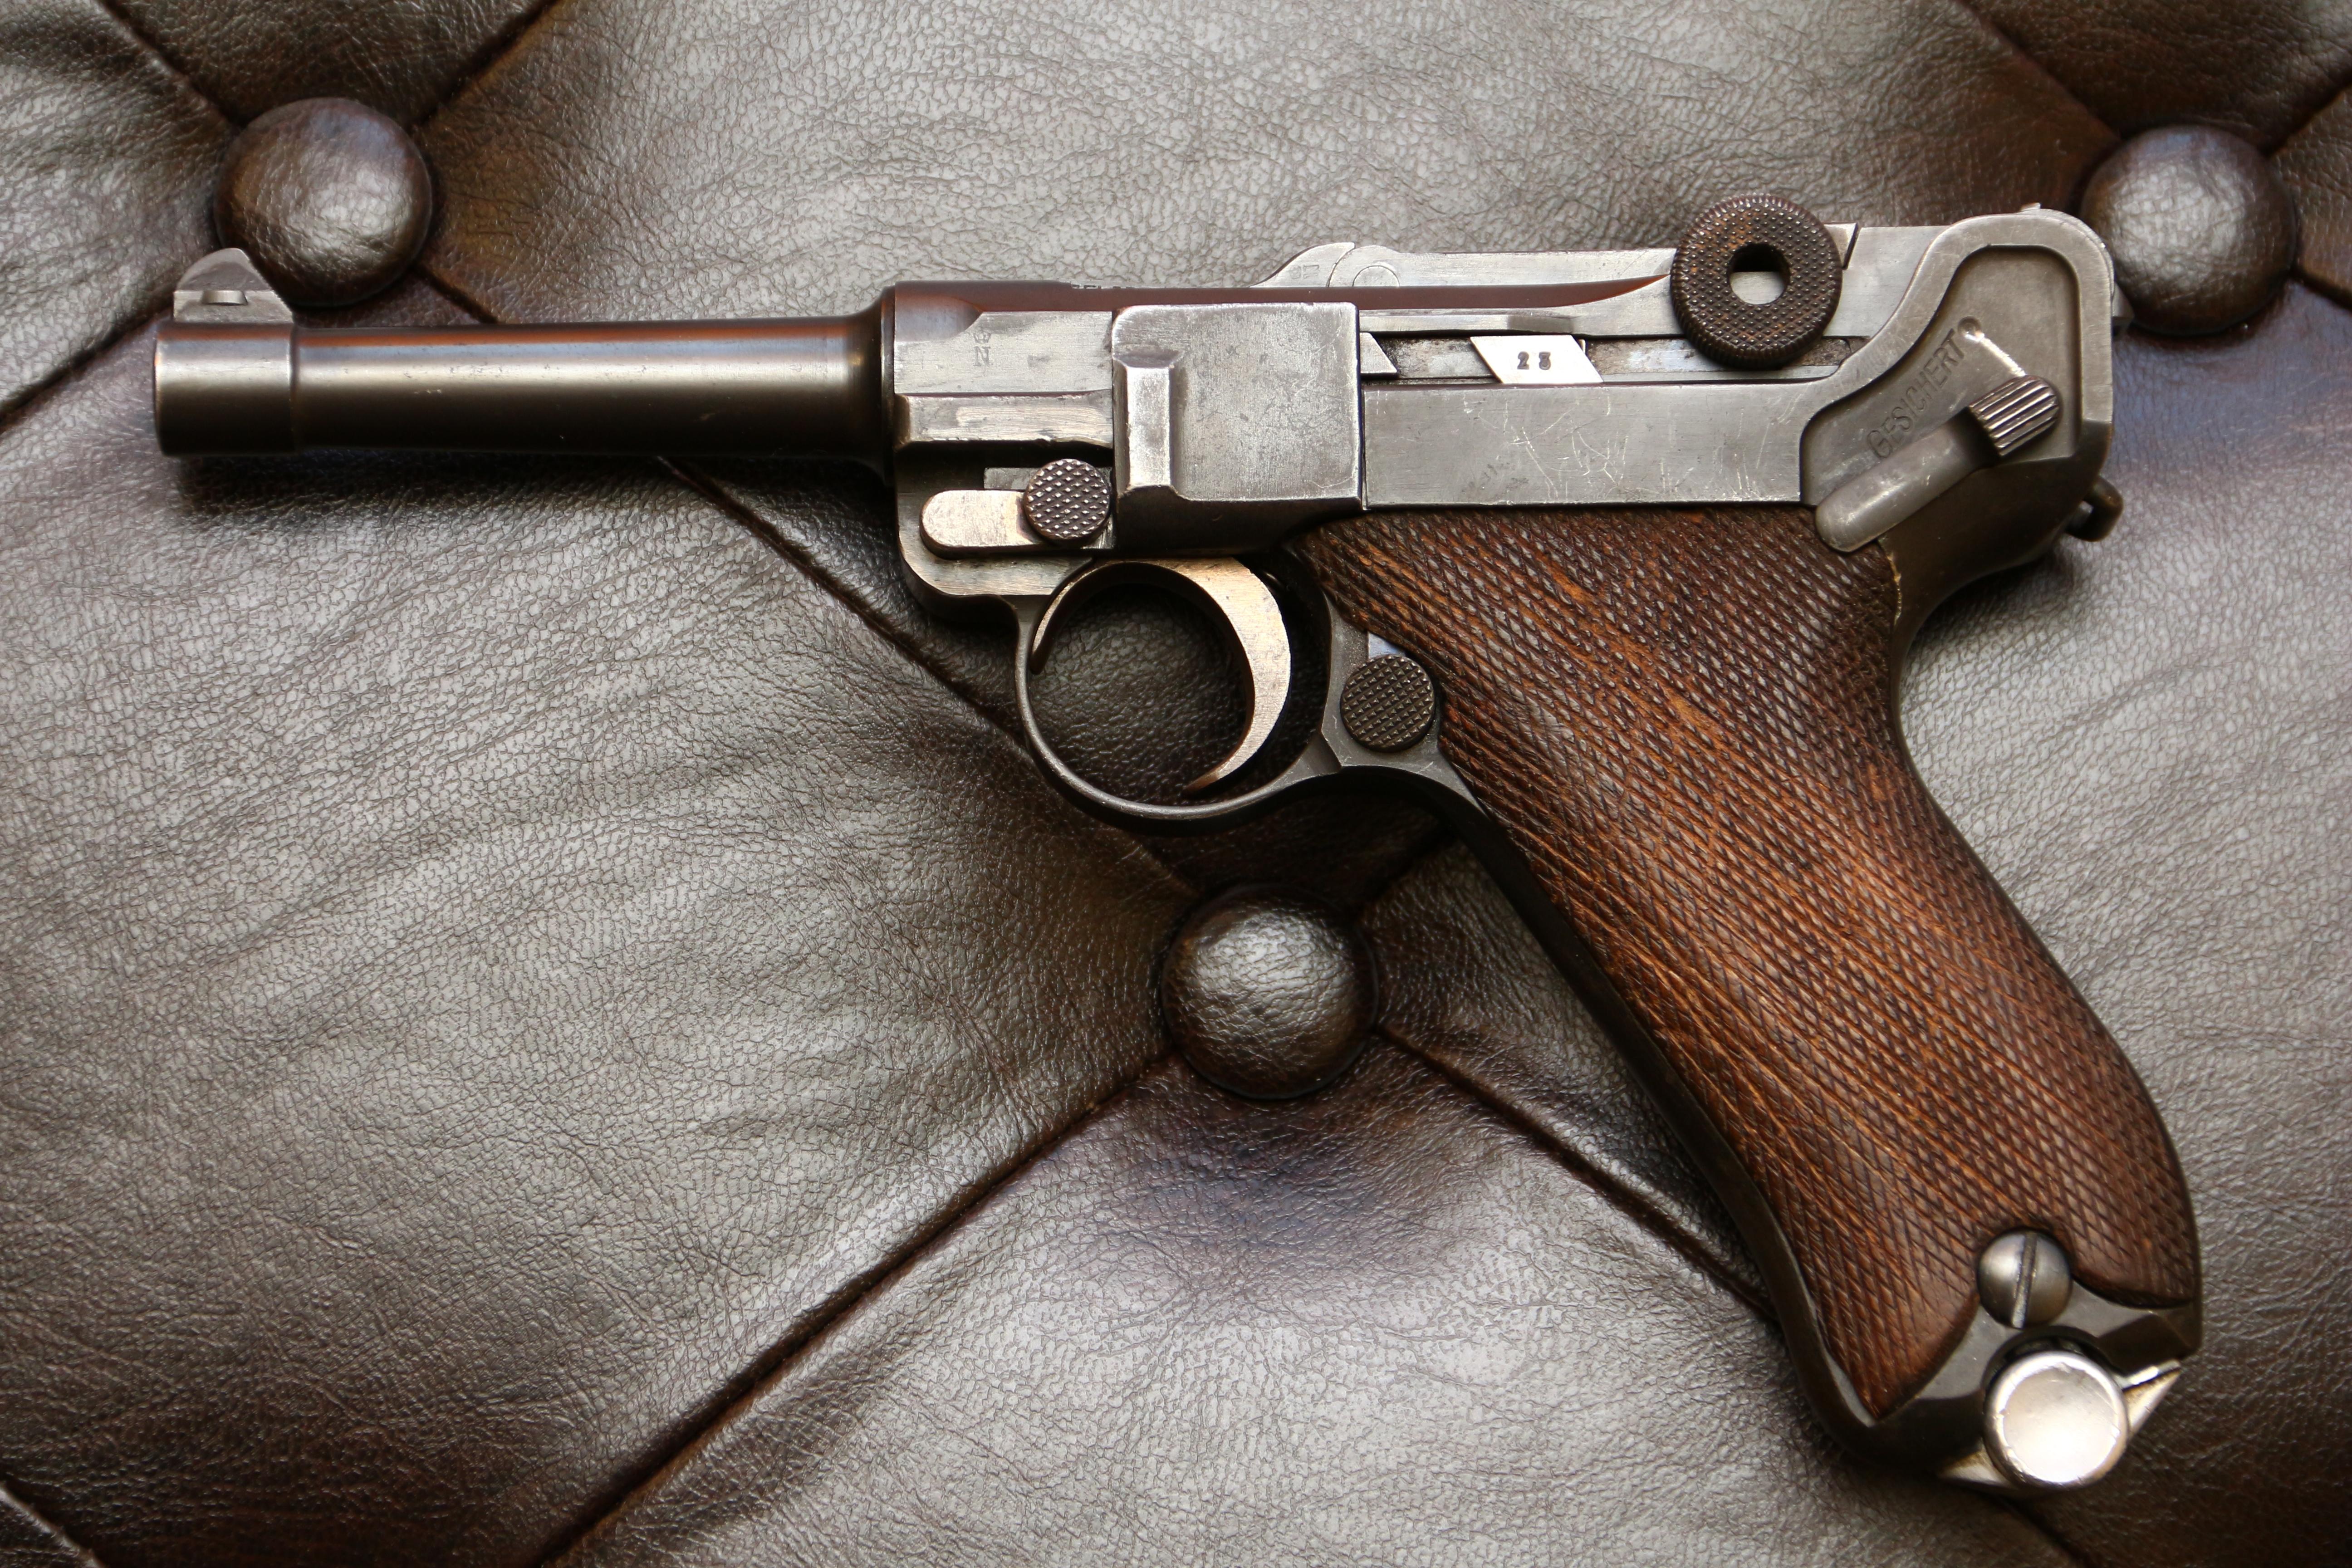 Пистолет Люгер Парабеллум P-08, №6299, коммерческий вариант